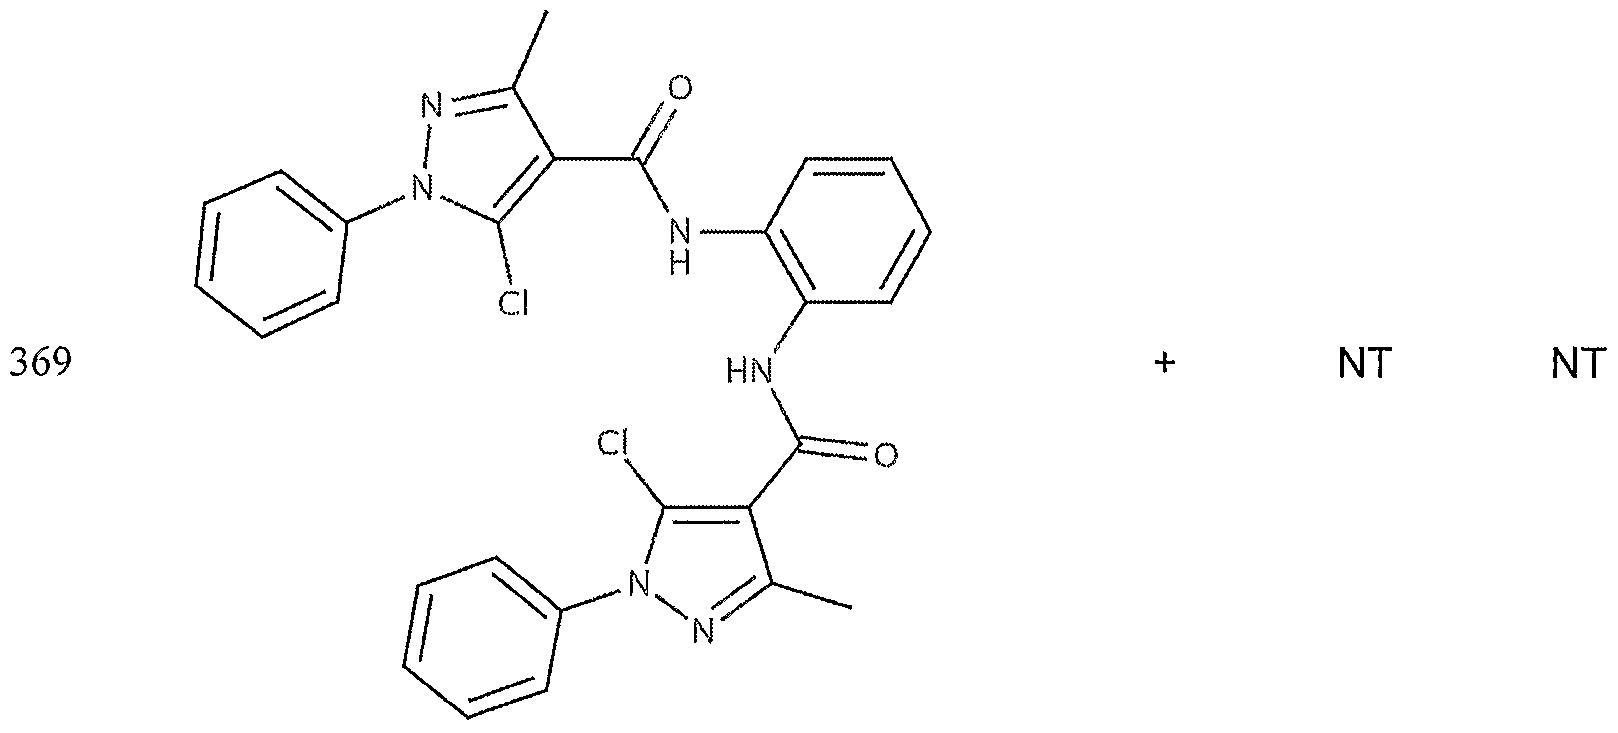 Figure imgf000153_0003